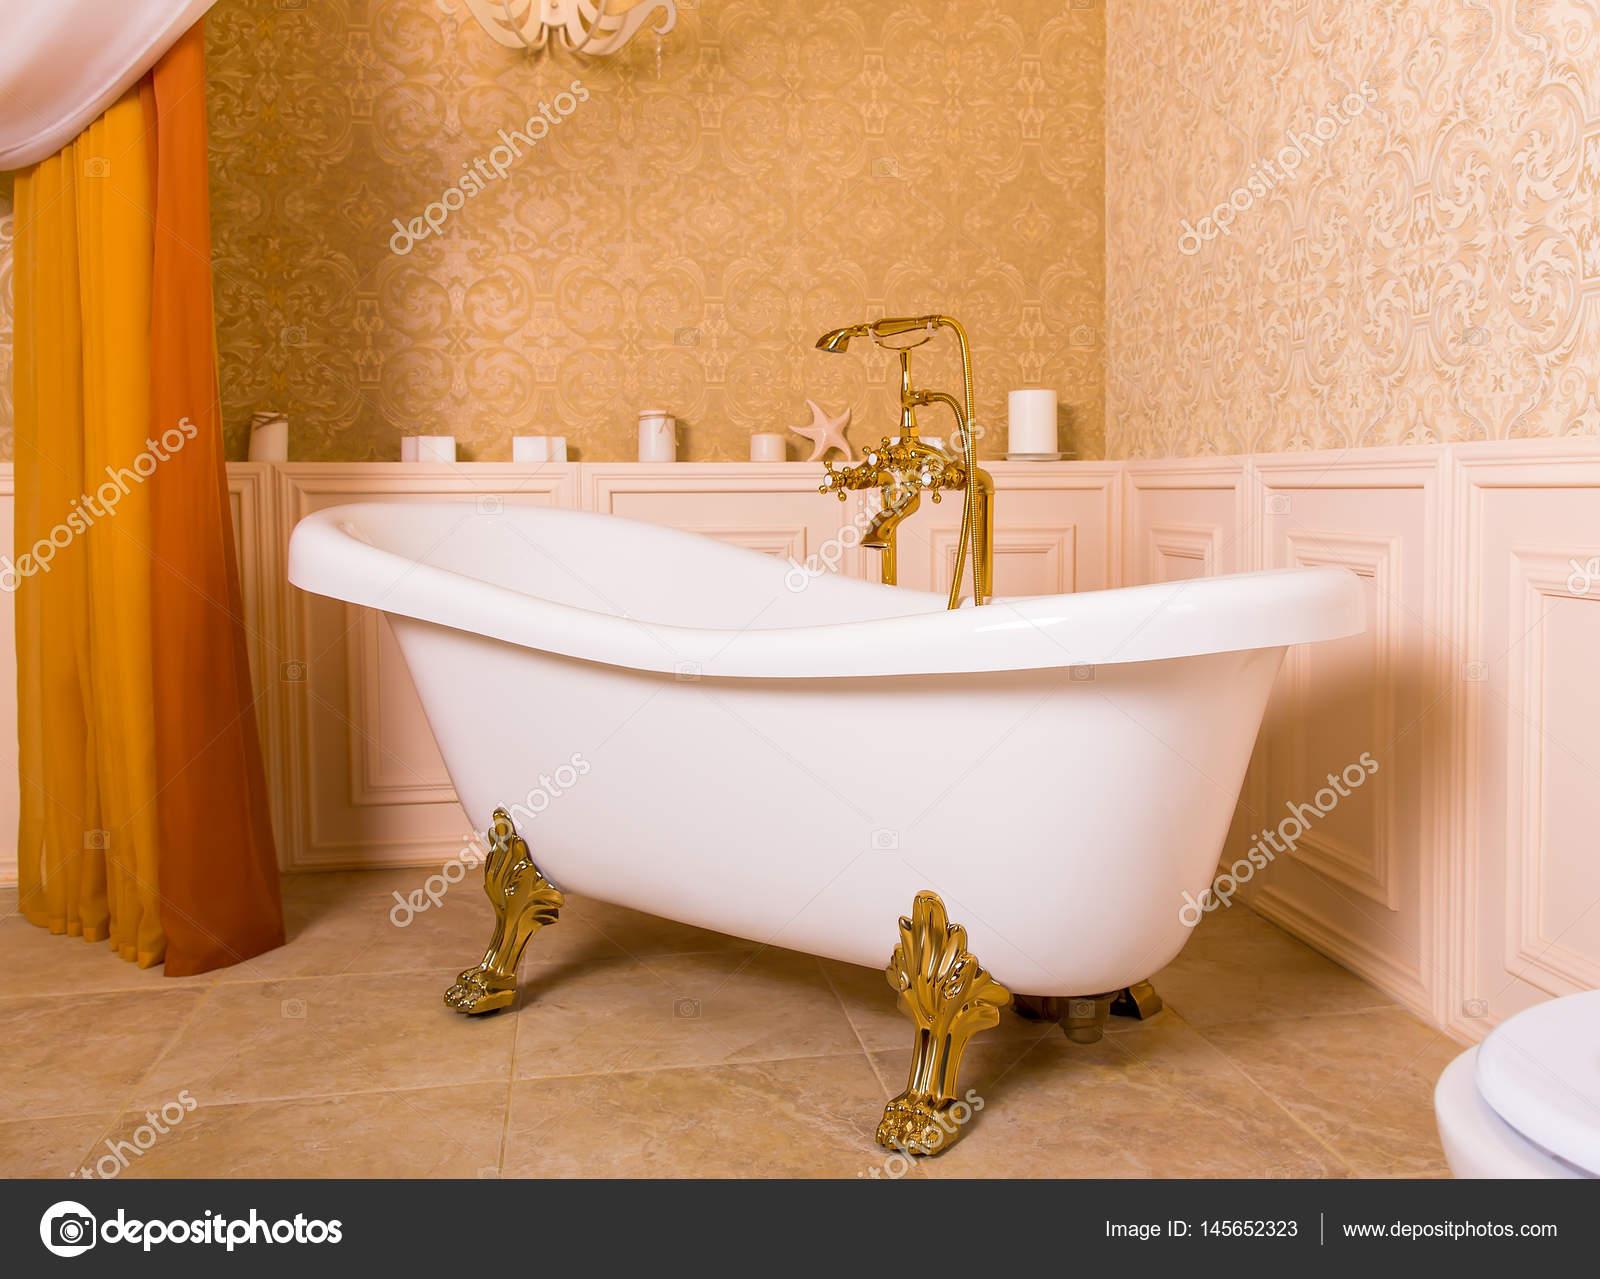 Miroir Tv Salle De Bain Leroy Merlin ~ brillant dor robinet et bain blanc photographie nomadsoul1